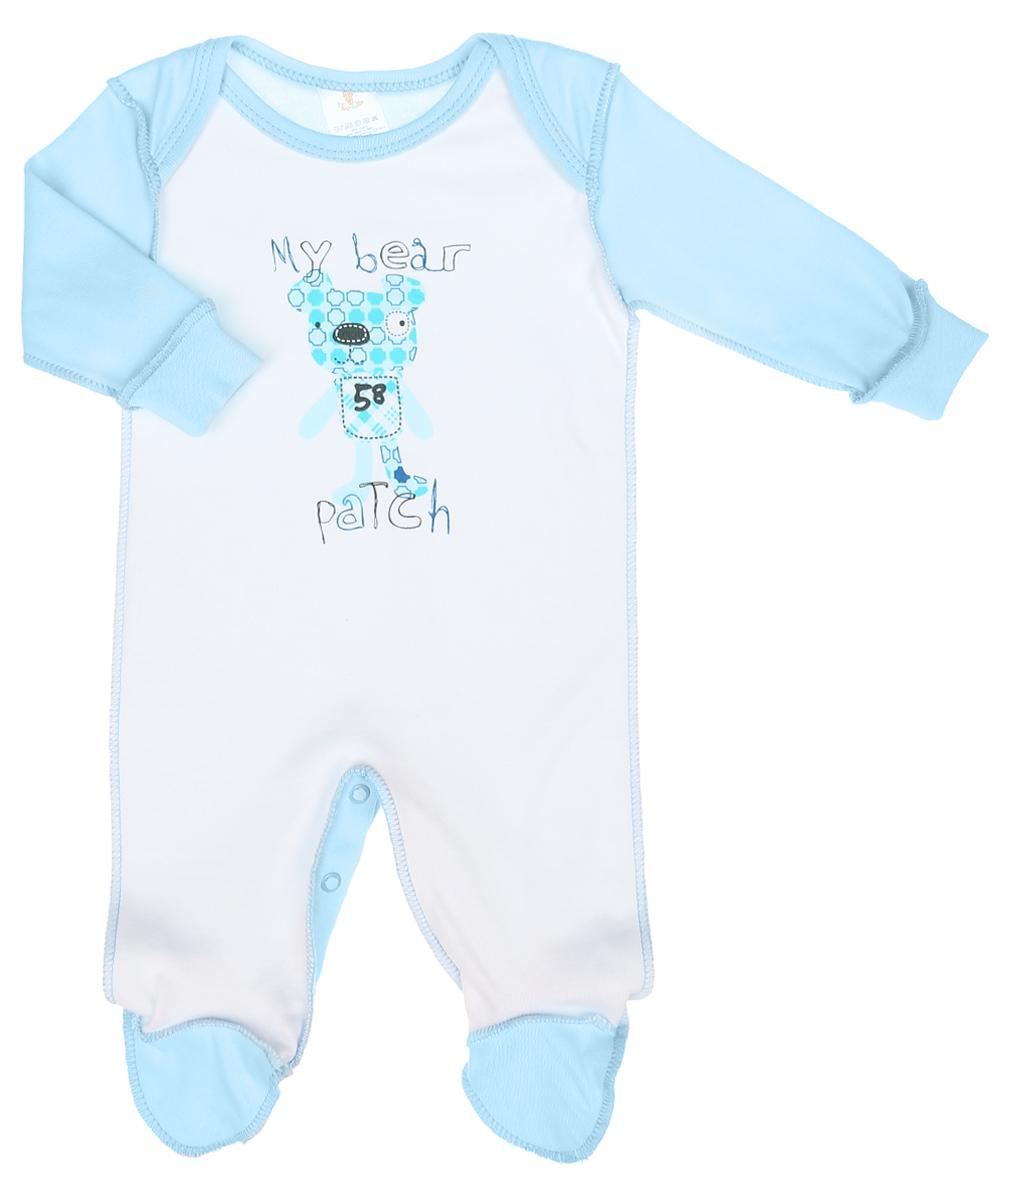 Комбинезон домашний3656Детский комбинезон для мальчика КотМарКот Мишка - очень удобный и практичный вид одежды для малышей. Комбинезон выполнен из натурального хлопка - интерлока, благодаря чему он необычайно мягкий и приятный на ощупь, не раздражает нежную кожу ребенка, хорошо вентилируется, и не препятствует его движениям. Швы выполнены наружу. Комбинезон с длинными рукавами и закрытыми ножками имеет удобные запахи на плечах и застежки-кнопки на ластовице, что помогает легко переодеть младенца или сменить подгузник. Рукава дополнены широкими трикотажными манжетами, которые мягко обхватывают запястья. Комбинезон оформлен принтом с изображением забавного медвежонка, а также принтовыми надписями My Bear Patch. С этим детским комбинезоном спинка и ножки вашего малыша всегда будут в тепле, он идеален для использования днем и незаменим ночью. Комбинезон полностью соответствует особенностям жизни младенца в ранний период, не стесняя и не ограничивая его в движениях!